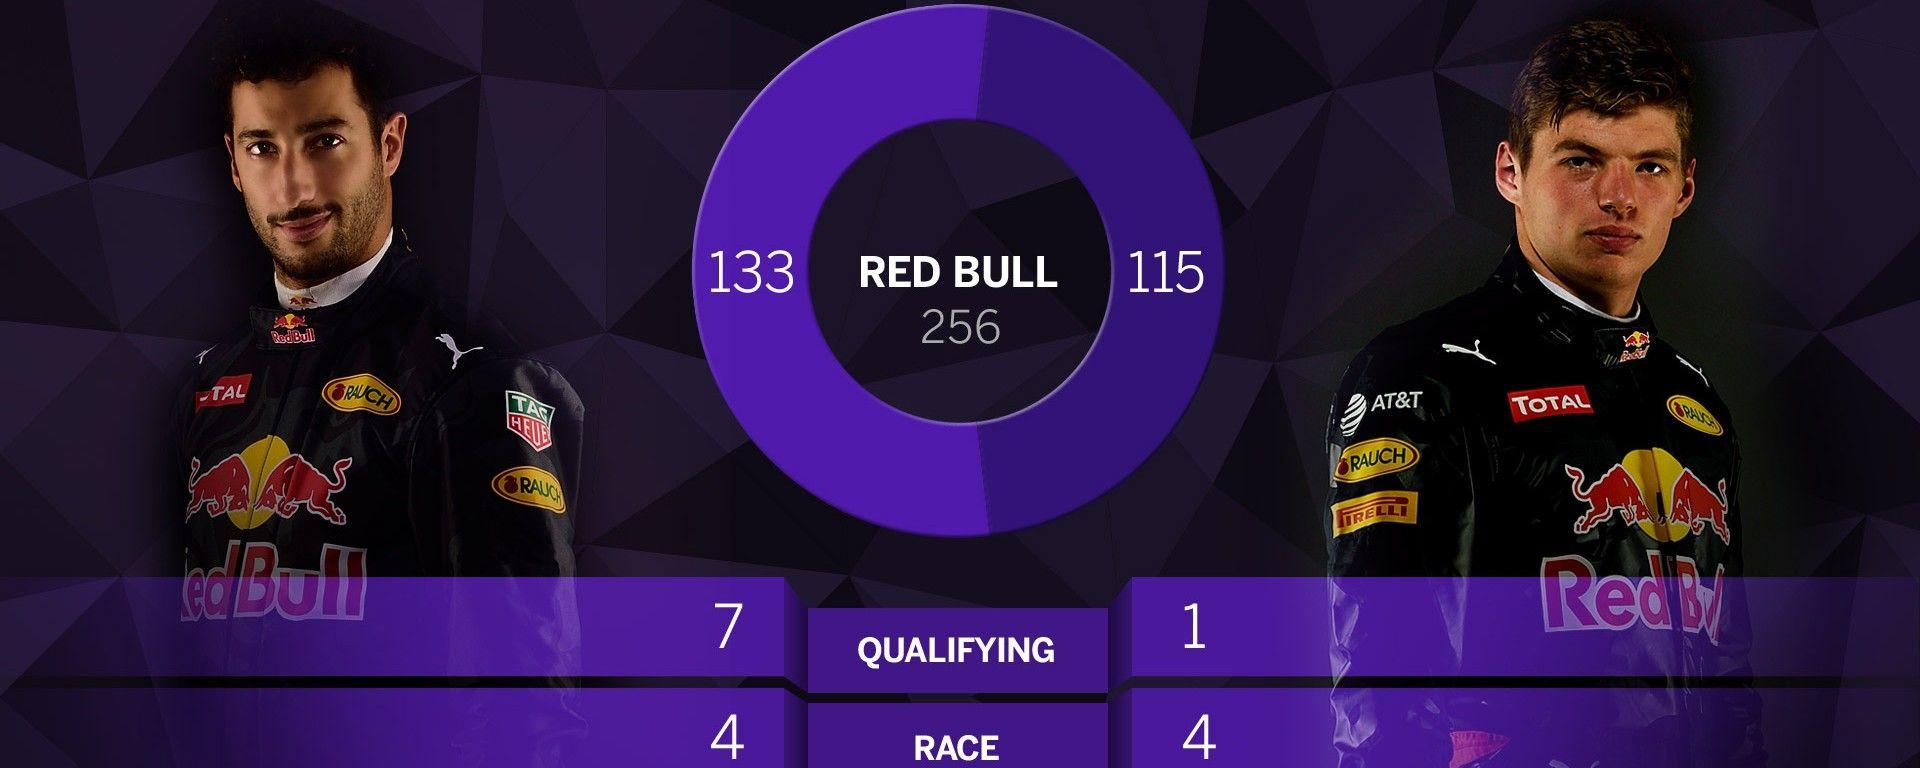 Infografica piloti Red Bull - Ricciardo e Verstappen